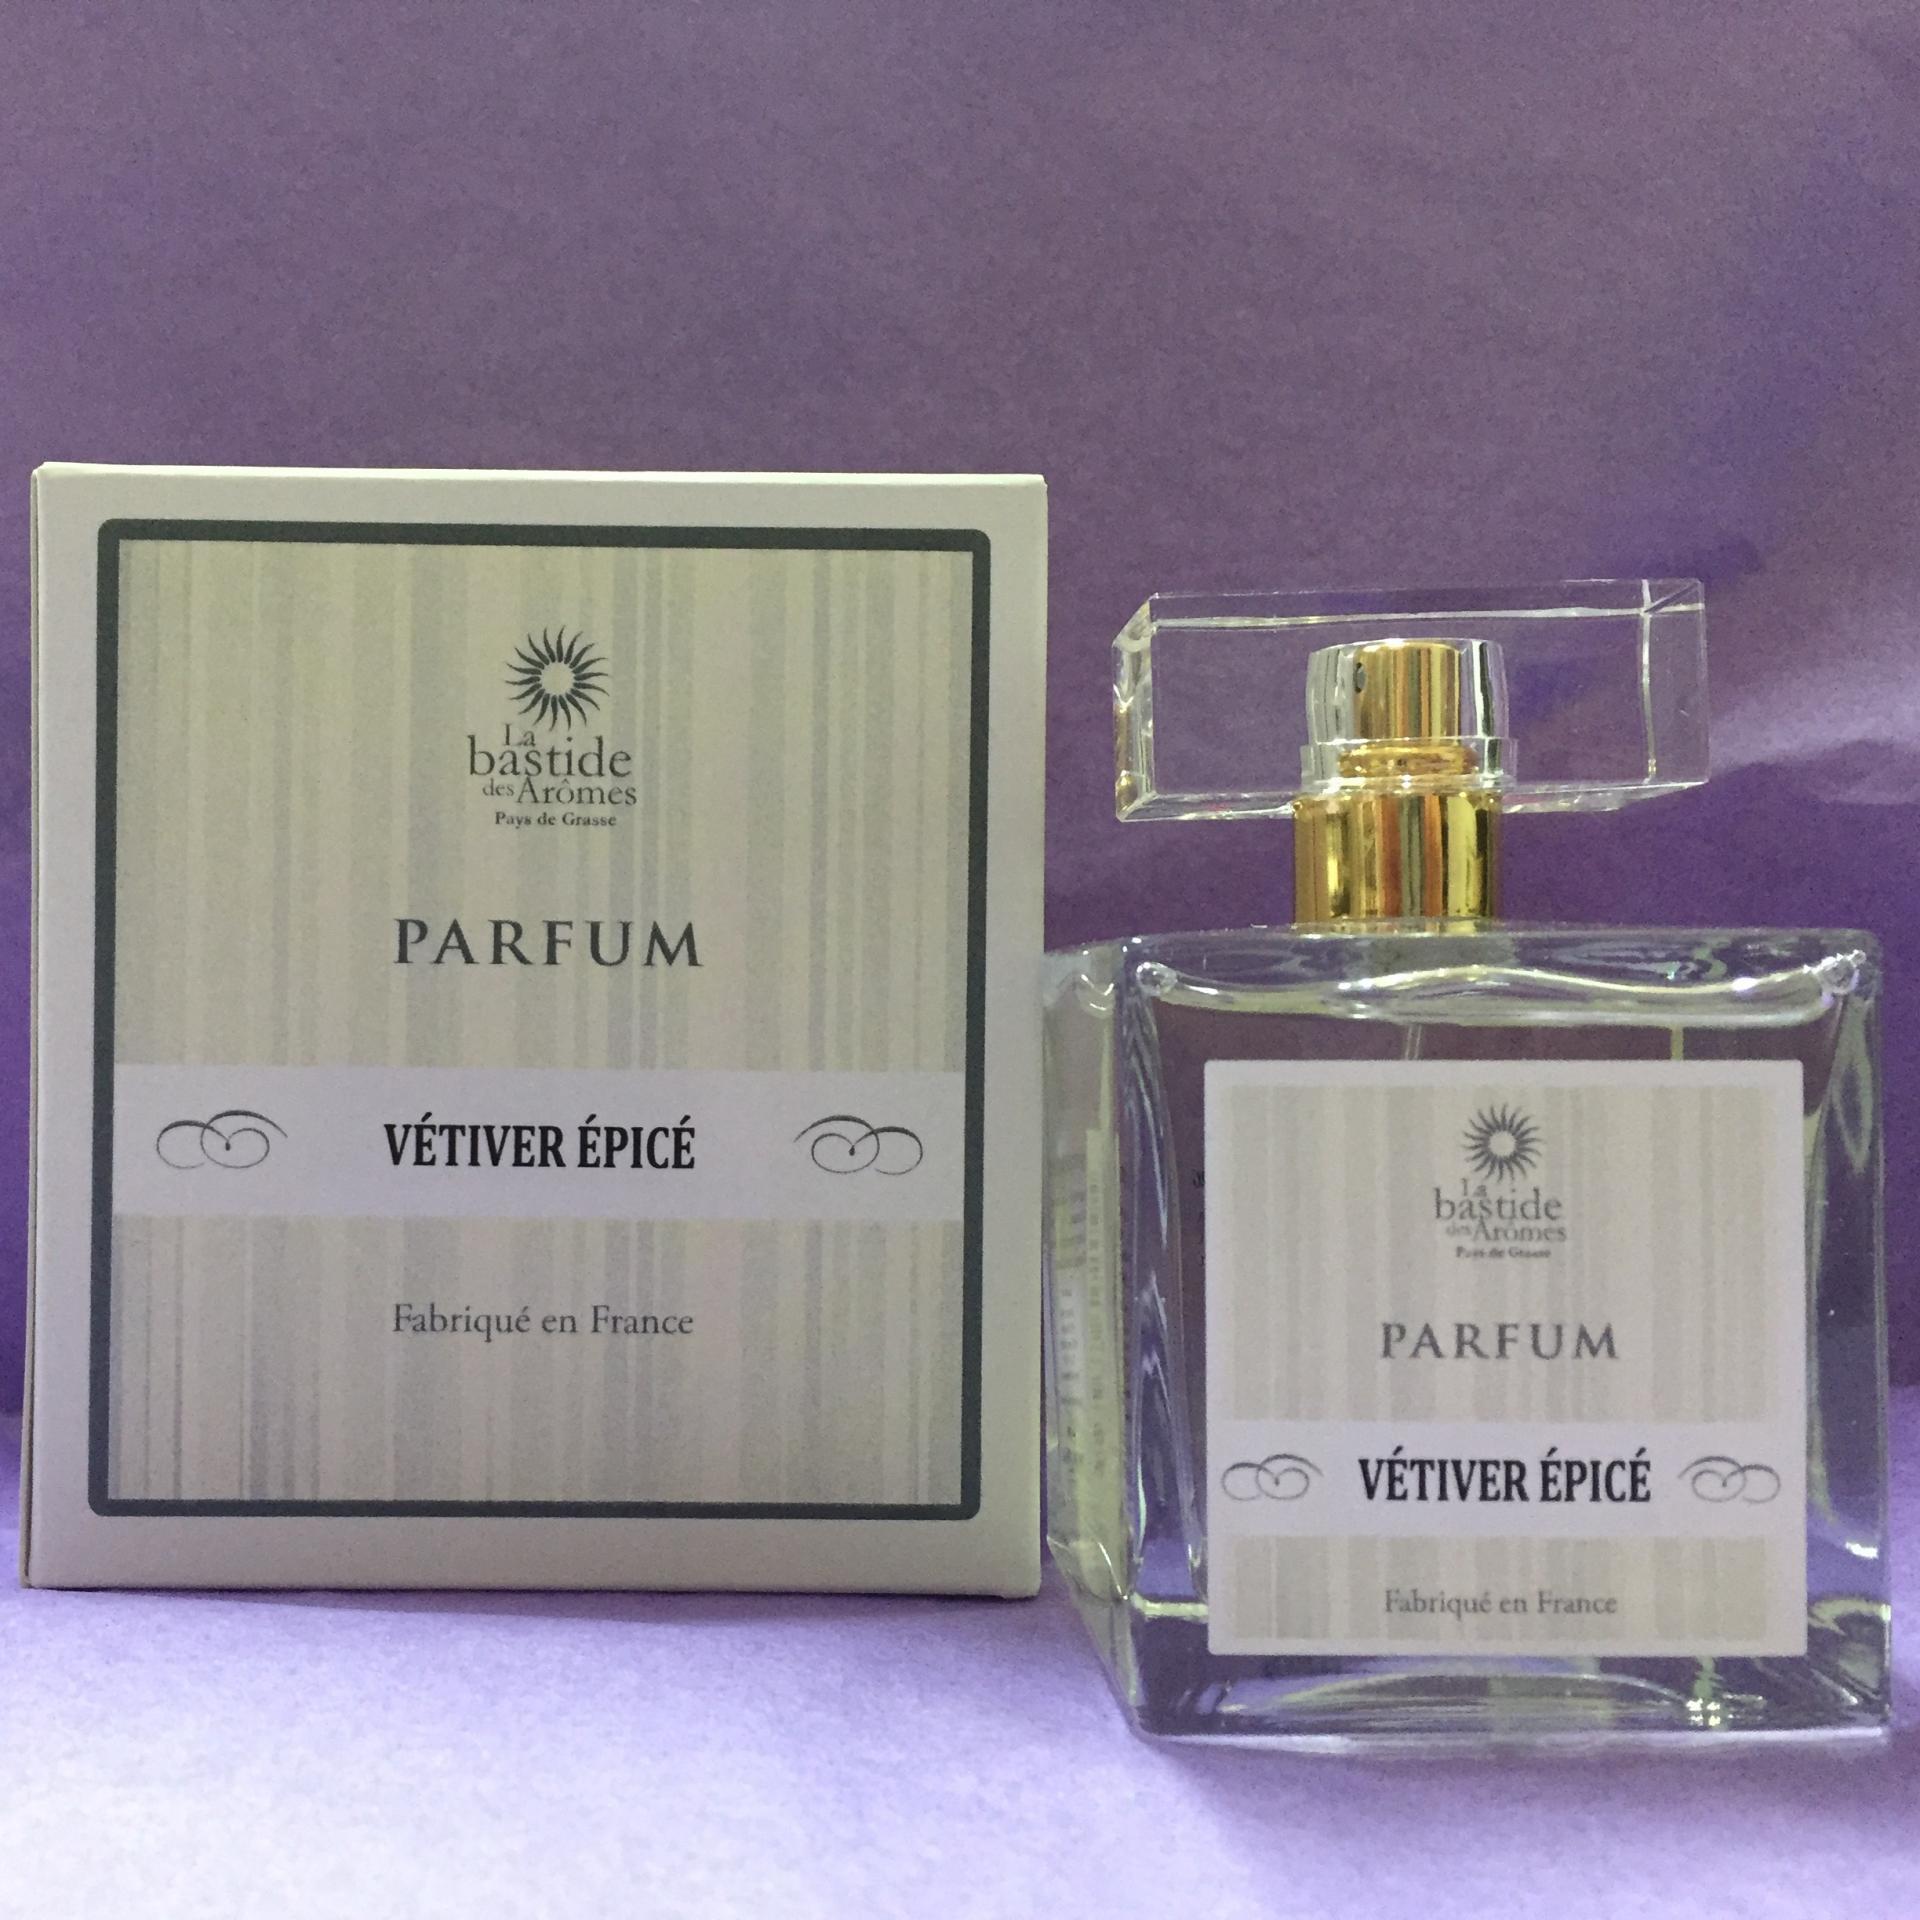 Parfum homme vetiver epice